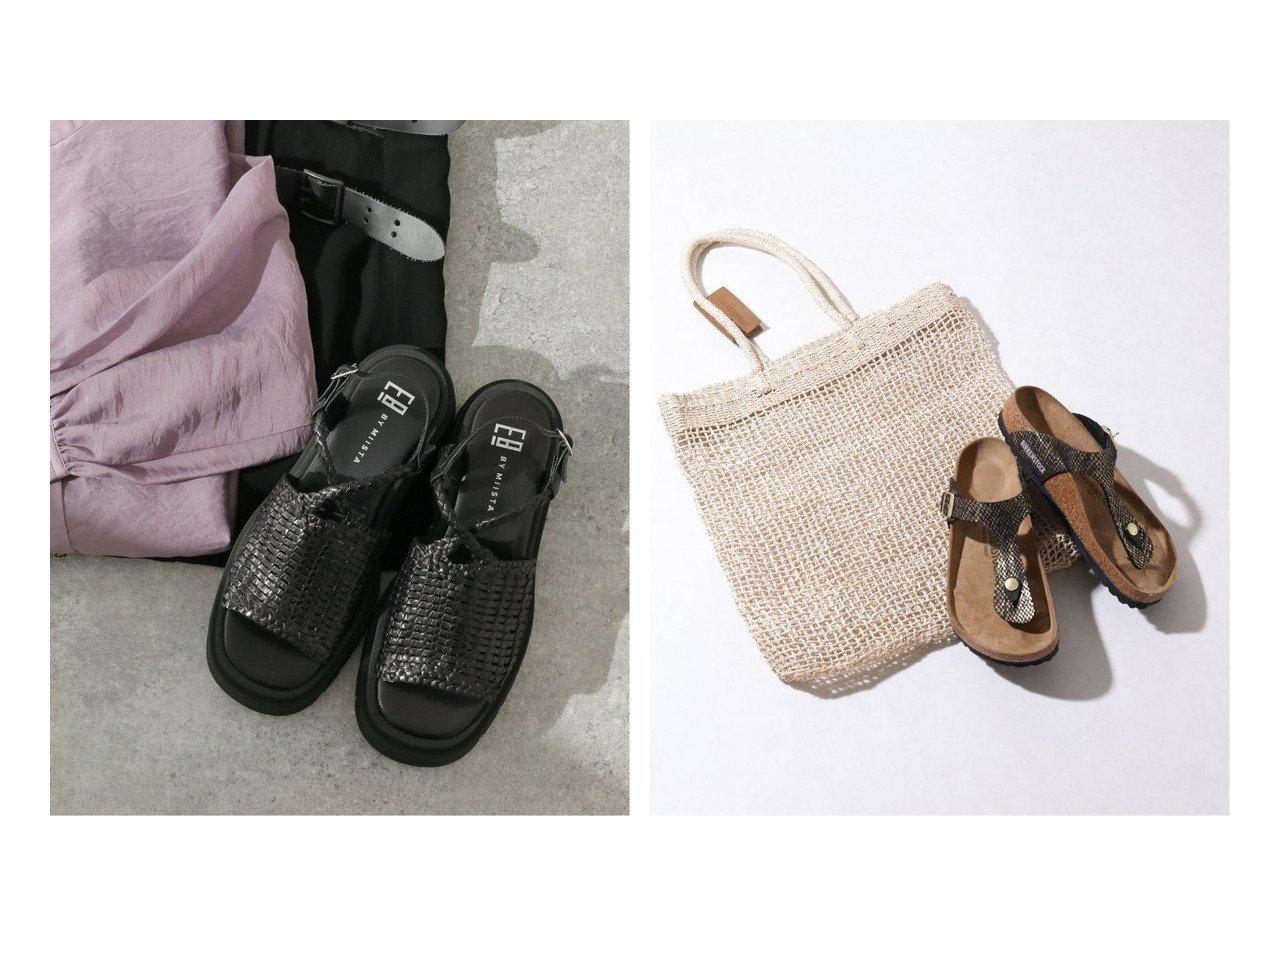 【Spick & Span/スピック&スパン】の【BIRKENSTOCK】EXCLUSIVE GIZEH&【JOURNAL STANDARD/ジャーナルスタンダード】の【イーエイト バイ ミースタ】NARJORIE アツゾコサンダル:サンダル 【シューズ・靴】おすすめ!人気、トレンド・レディースファッションの通販   おすすめで人気の流行・トレンド、ファッションの通販商品 インテリア・家具・メンズファッション・キッズファッション・レディースファッション・服の通販 founy(ファニー) https://founy.com/ ファッション Fashion レディースファッション WOMEN 2021年 2021 2021春夏・S/S SS/Spring/Summer/2021 S/S・春夏 SS・Spring/Summer サンダル シューズ トレンド メタリック ロンドン ヴィンテージ フィット 人気 再入荷 Restock/Back in Stock/Re Arrival  ID:crp329100000052229